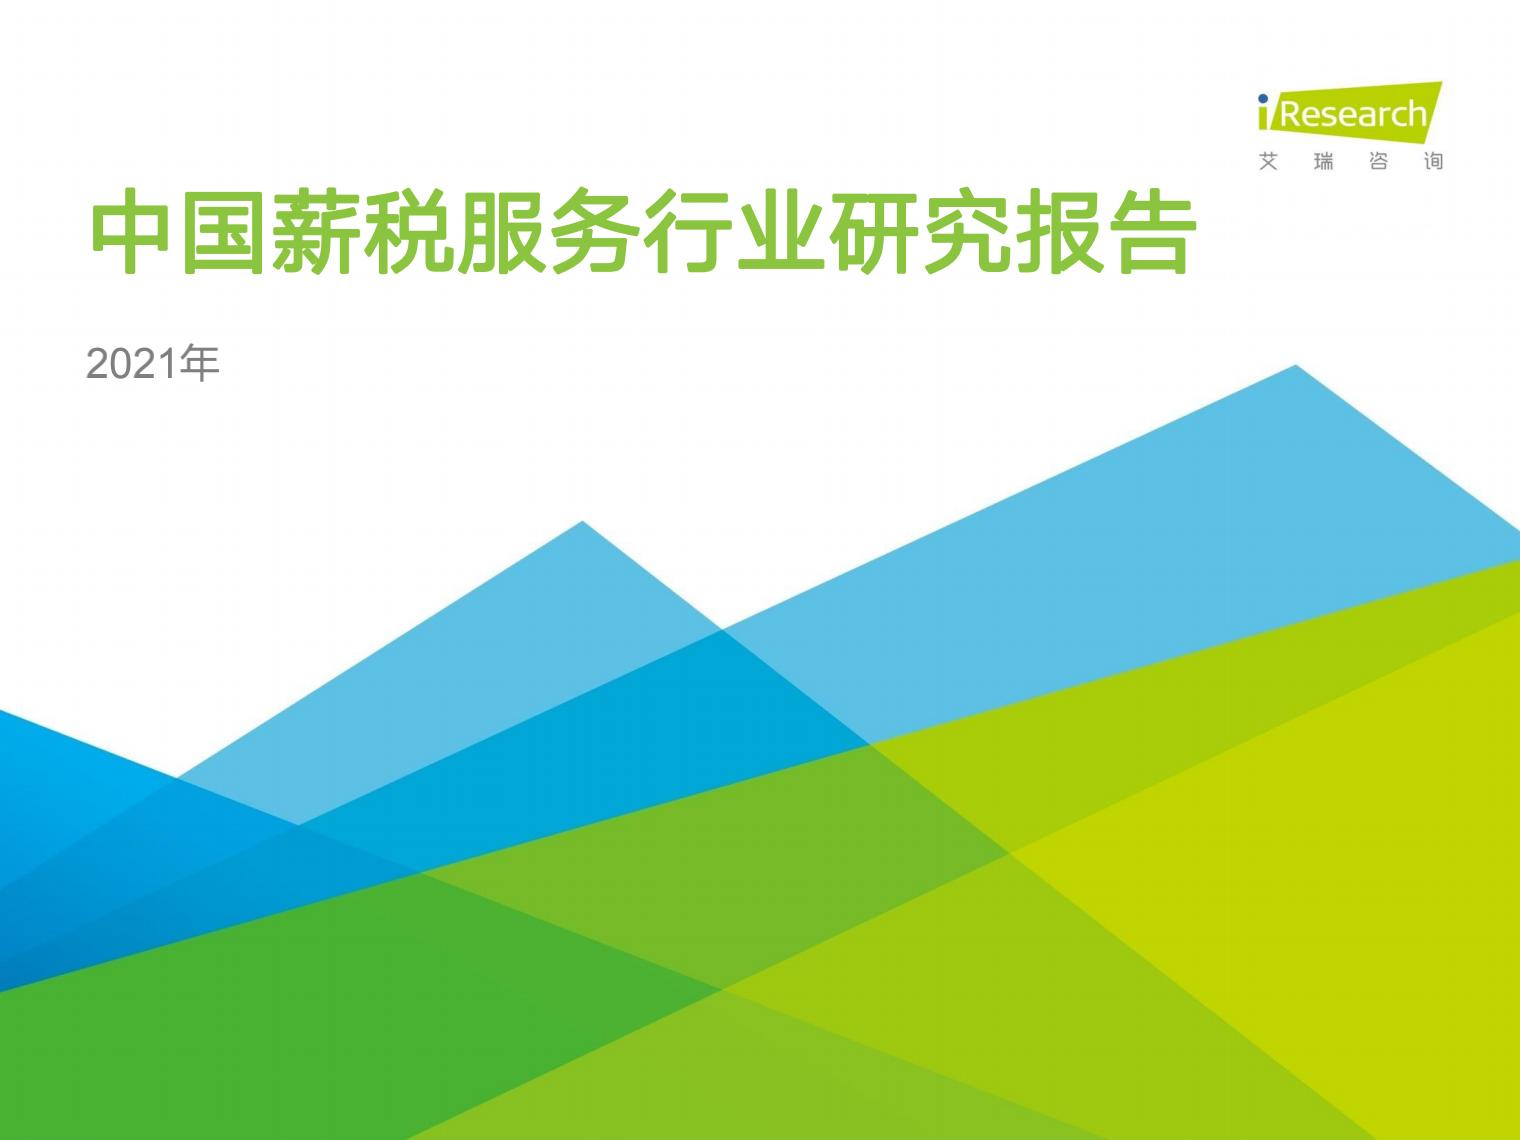 众合云科入选艾瑞咨询《2021年中国薪税服务行业研究报告》优秀服务商案例